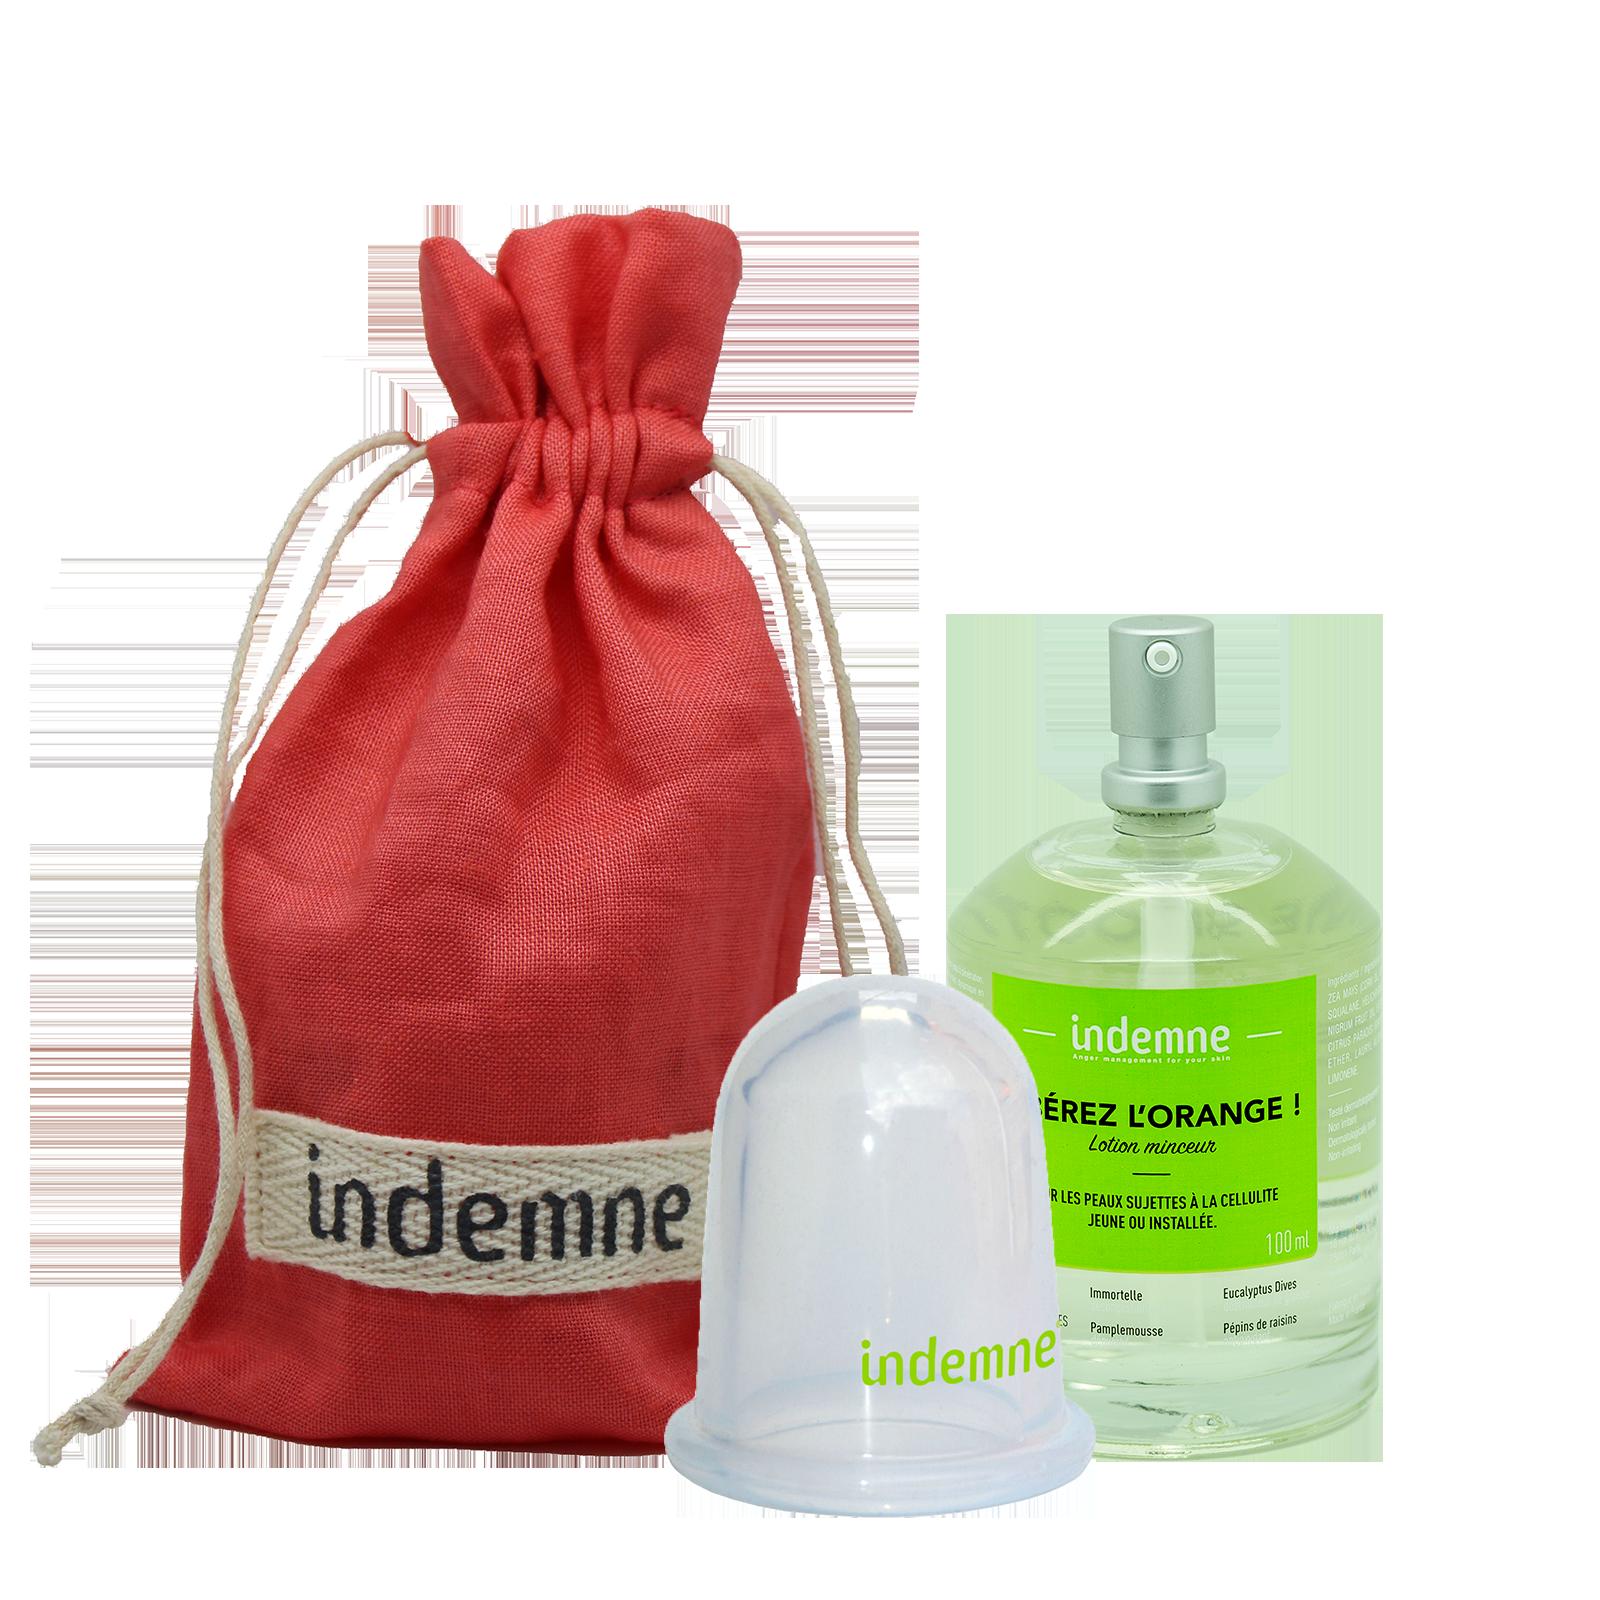 Doux-Good-Indemne-duo-minceur-huile-anti-cellulite-et-bubble-in